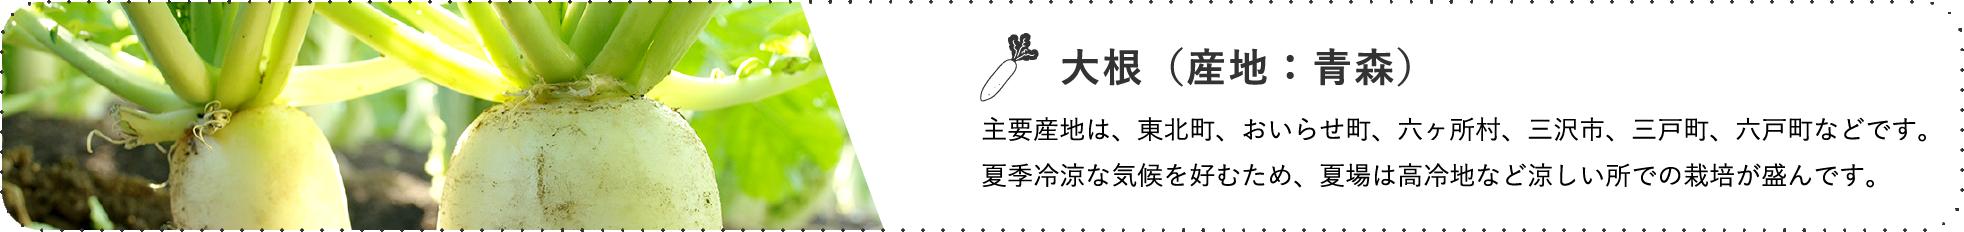 大根(産地:青森) / 主要産地は、東北町、おいらせ町、六ヶ所村、三沢市、三戸町、六戸町などです。夏季冷涼な気候を好むため、夏場は高冷地など涼しい所での栽培が盛んです。